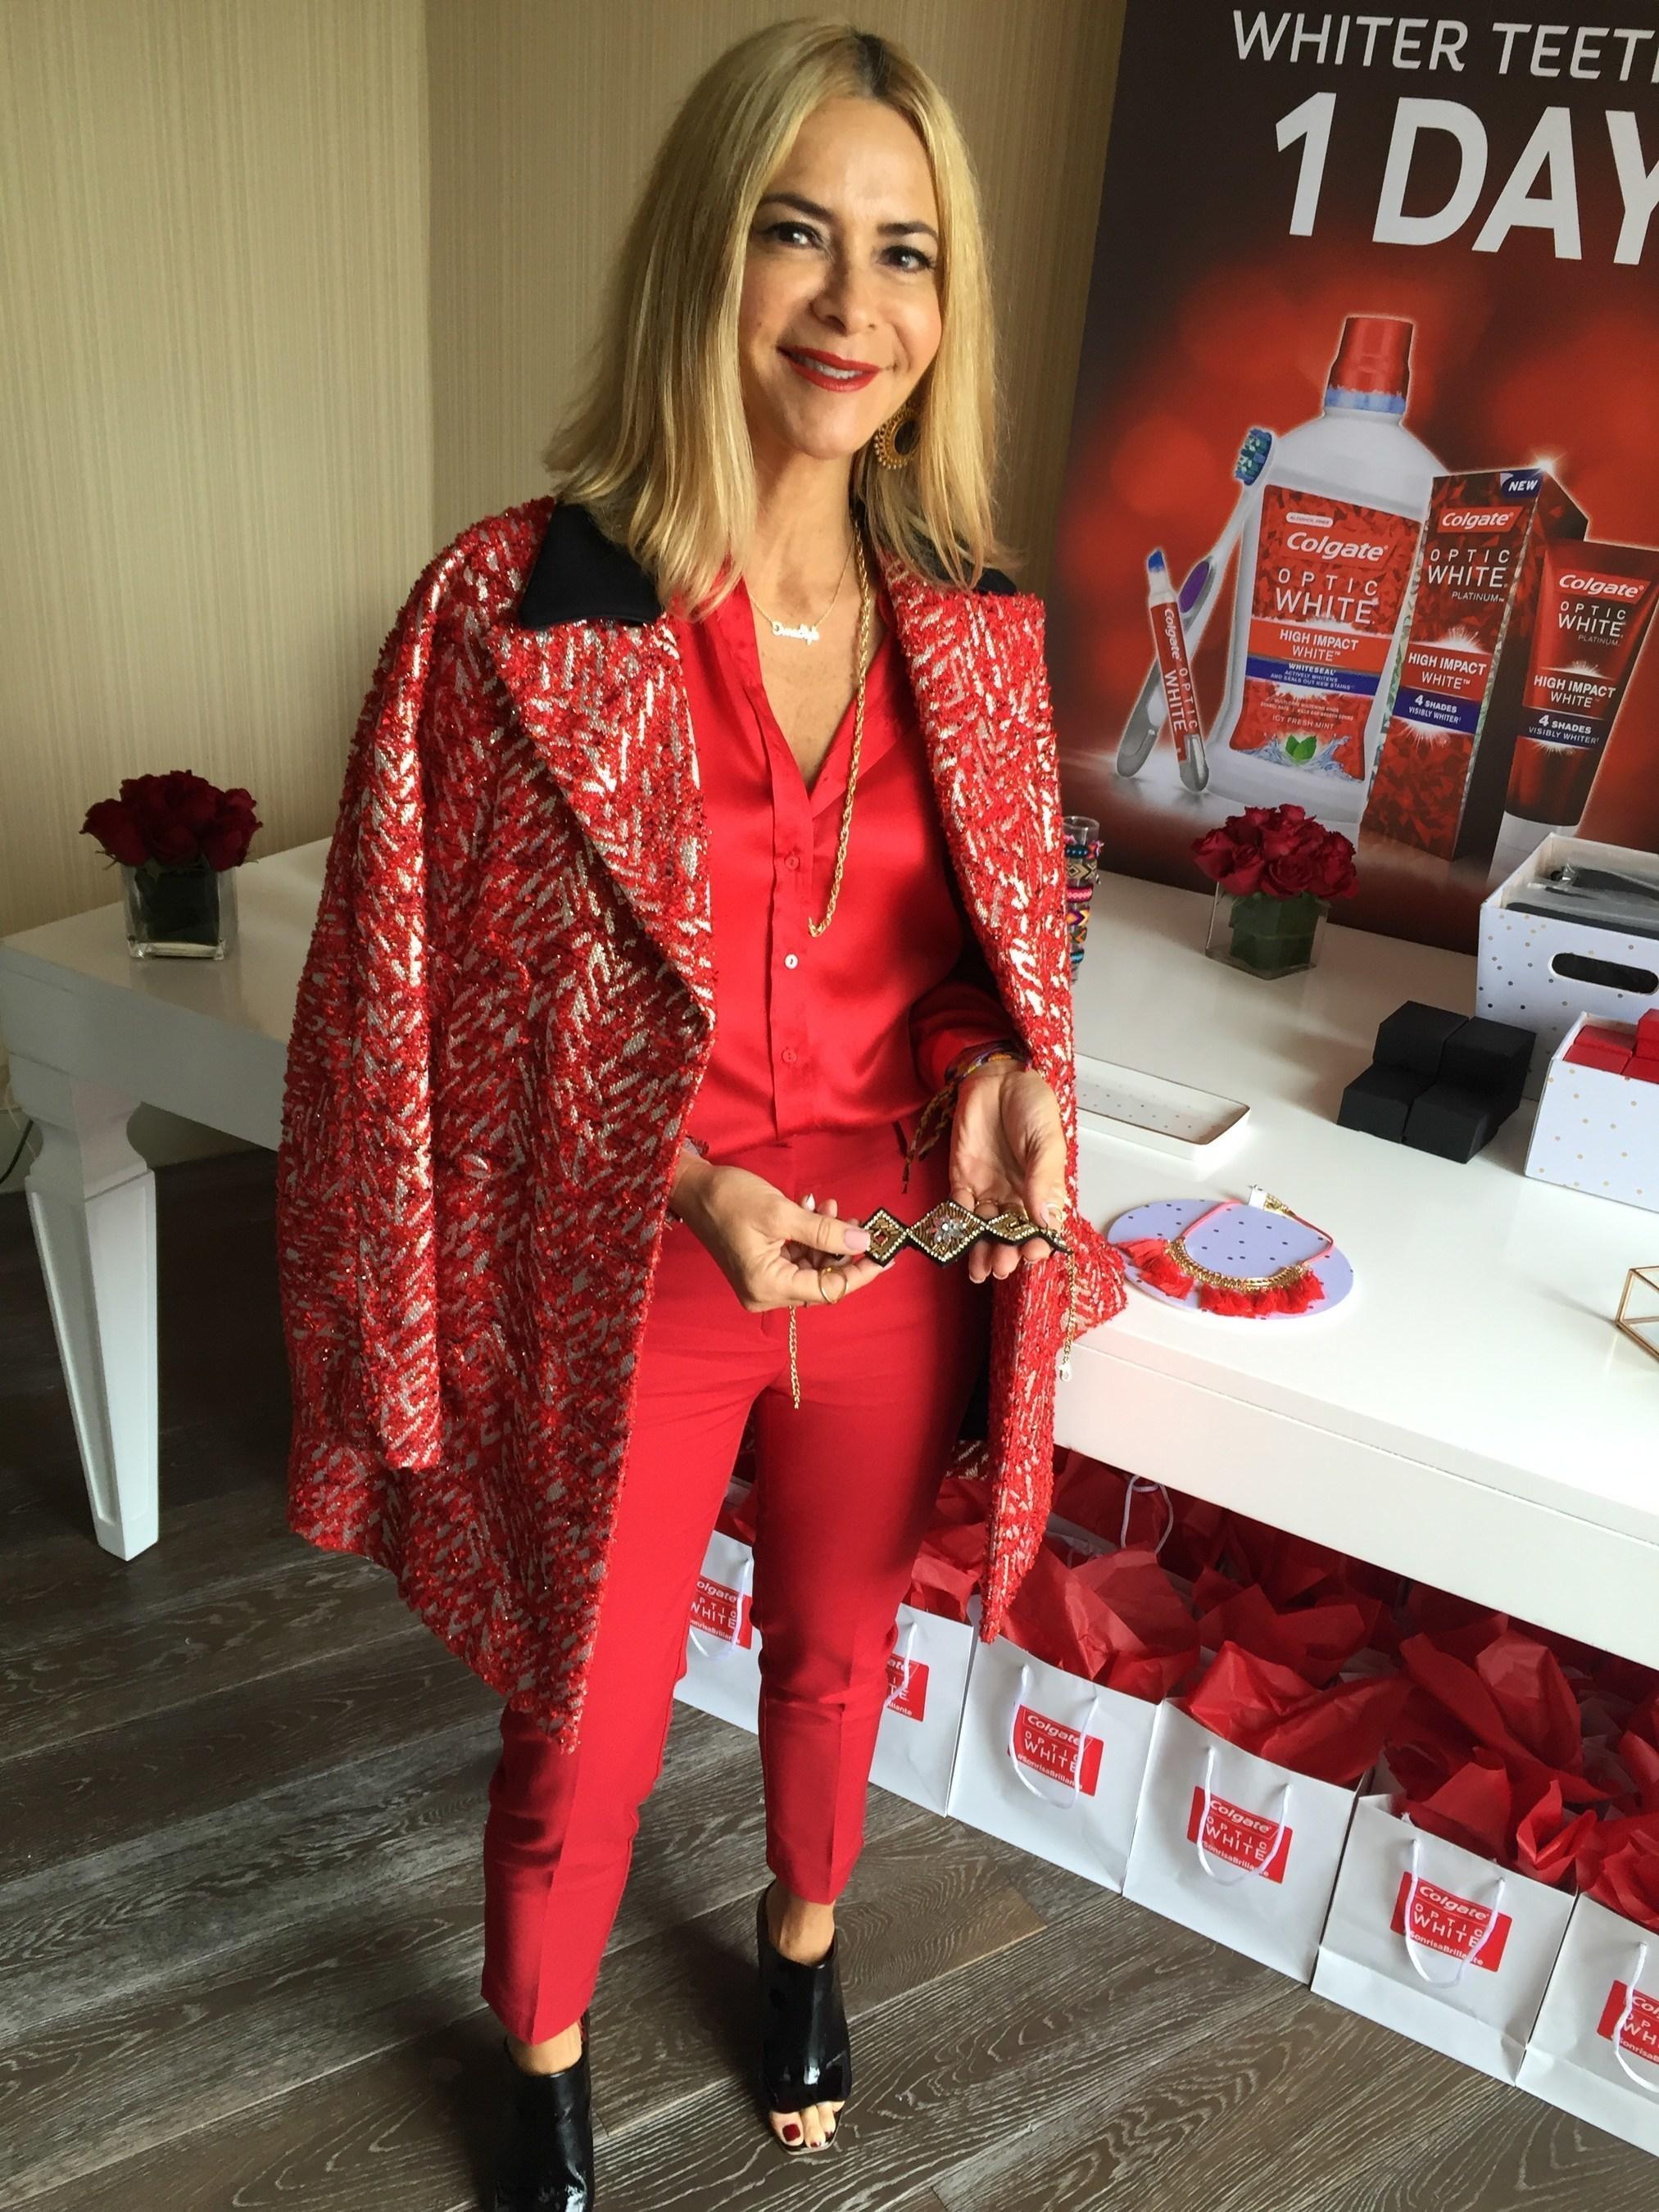 La famosa estilista Irma Martinez comparte consejos de moda para lucir un Designer Smile en la Suite de Colgate Optic White High Impact White durante el #WeAllGrow Summit en Long Beach, CA.